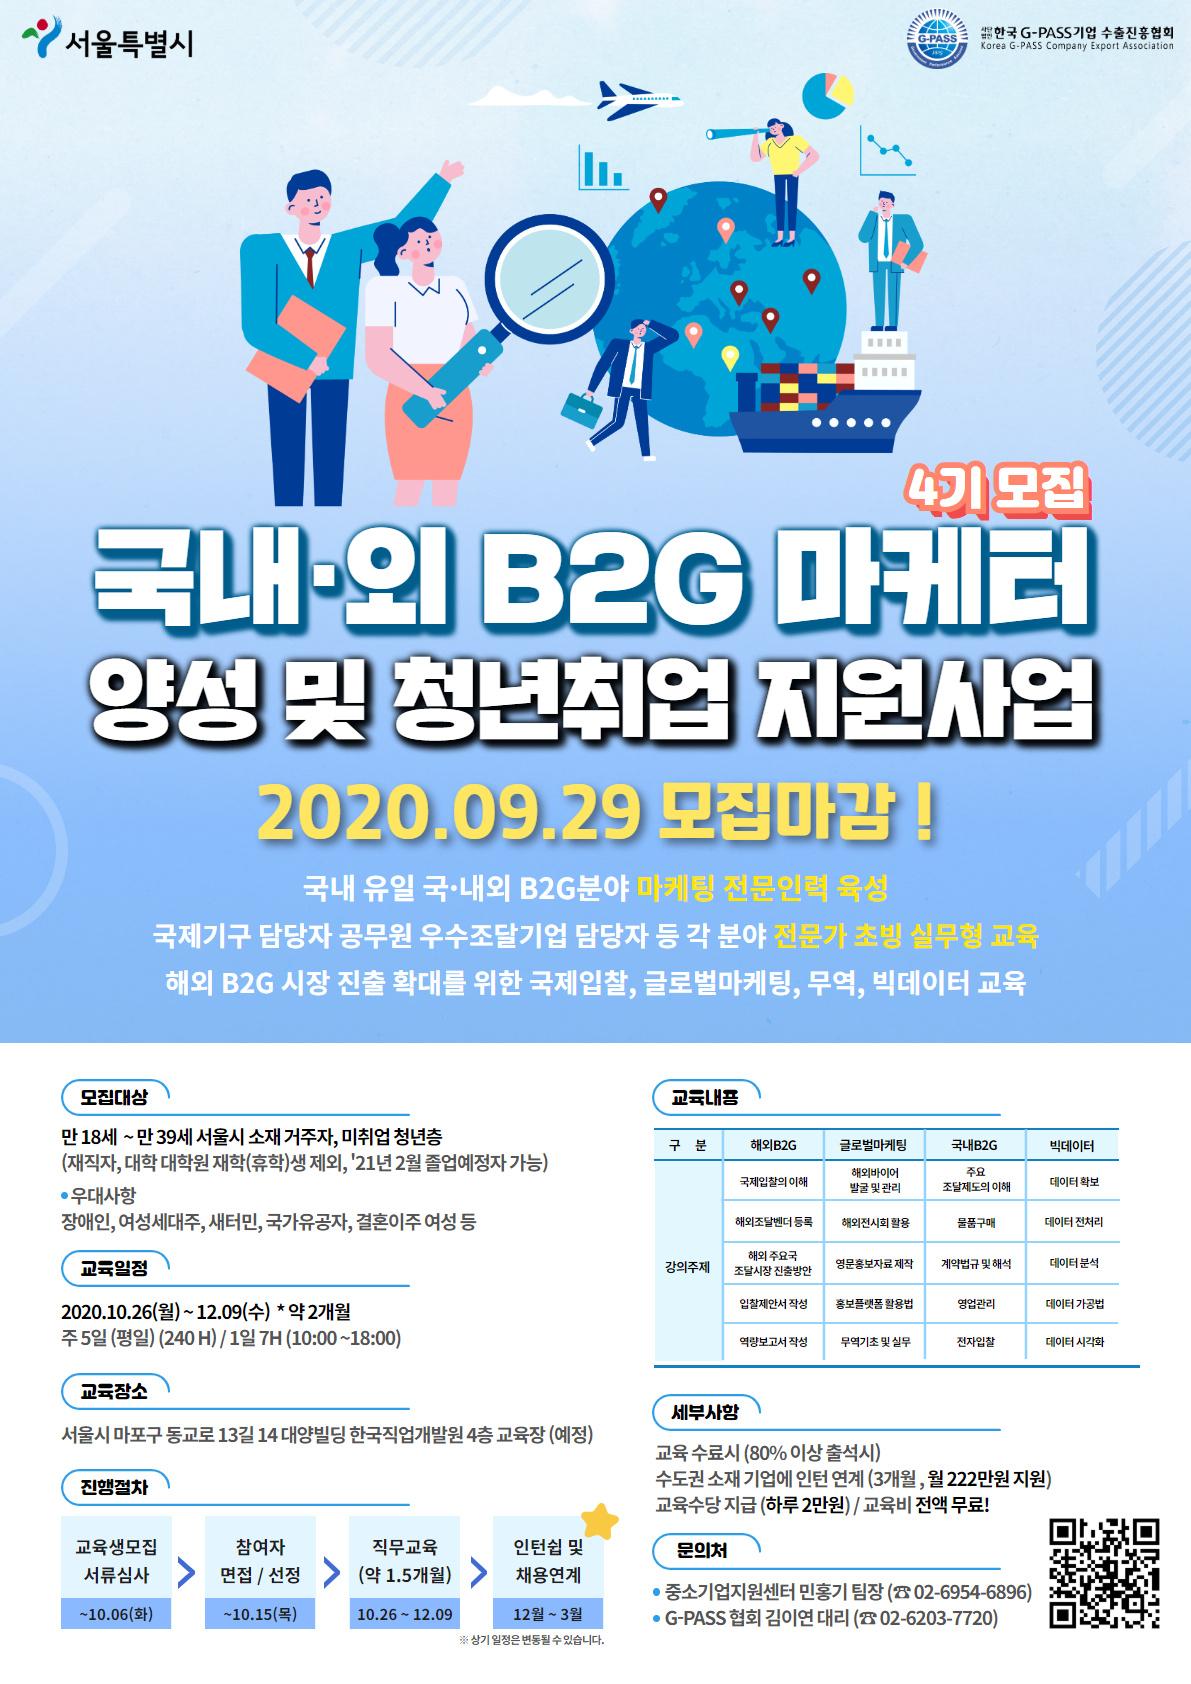 [서울시 뉴딜일자리] 국내외 B2G 마케터 양성 및 취업지원사업 4기 모집